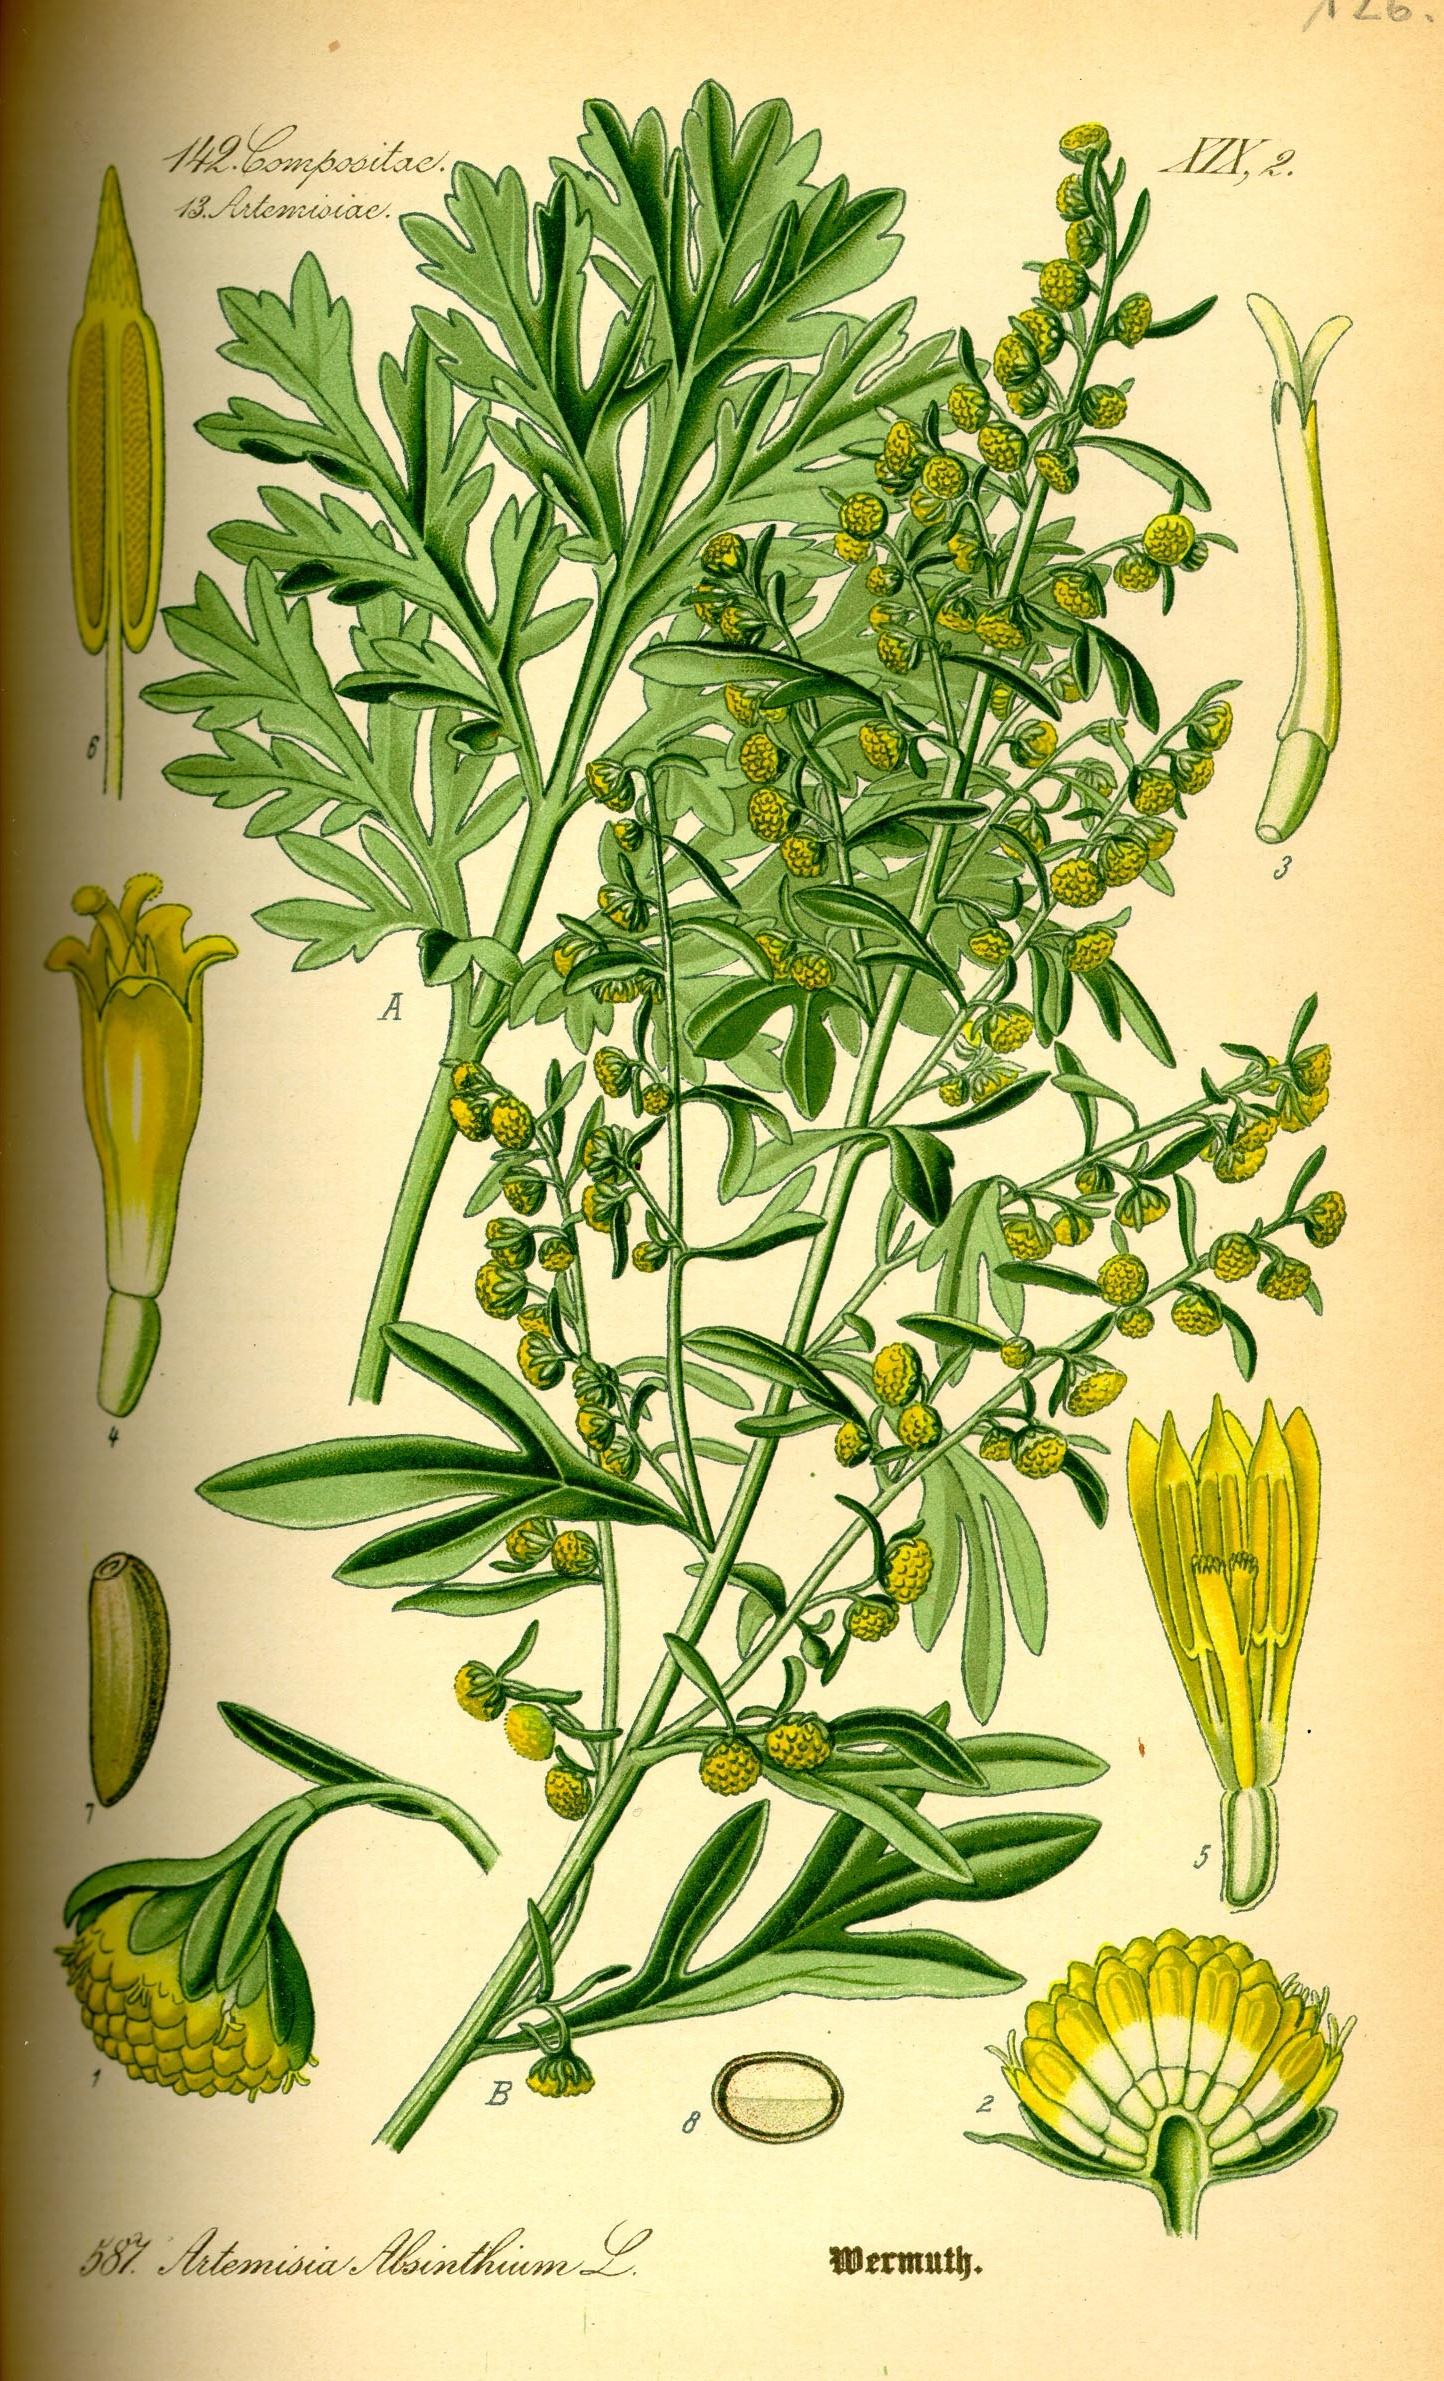 A botanical illustration of wormwood.